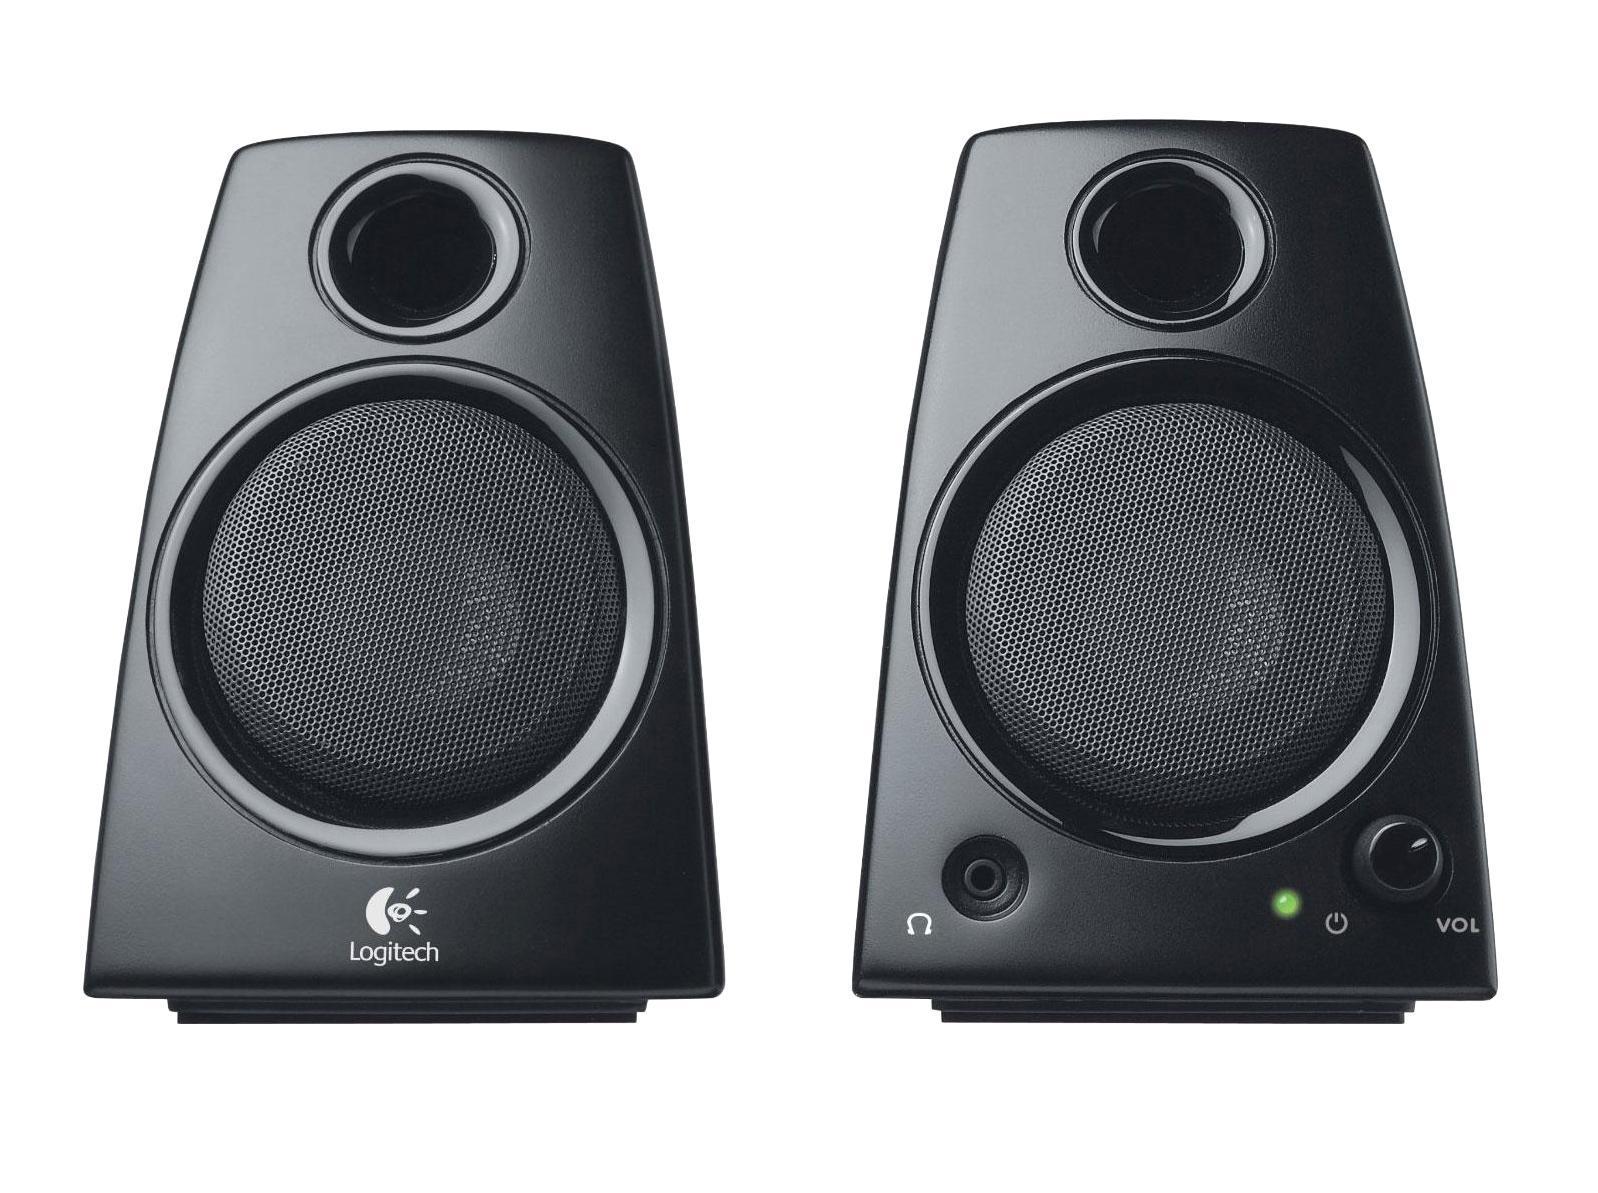 Logitech Z130 (980-000418)980-000418Полная мощность колонок в 5 Вт позволяет получить чистый и громкий стереозвук. Просто подключите колонки к ноутбуку через стандартный разъем 3,5 мм, и все готово. Разъем для наушников и удобные элементы управления громкостью позволяют слушать музыку, смотреть фильмы и играть в игры именно так, как вам хочется. Просто подключите свои наушники и наслаждайтесь звуком музыки, фильмов и игр, когда захотите и где угодно.